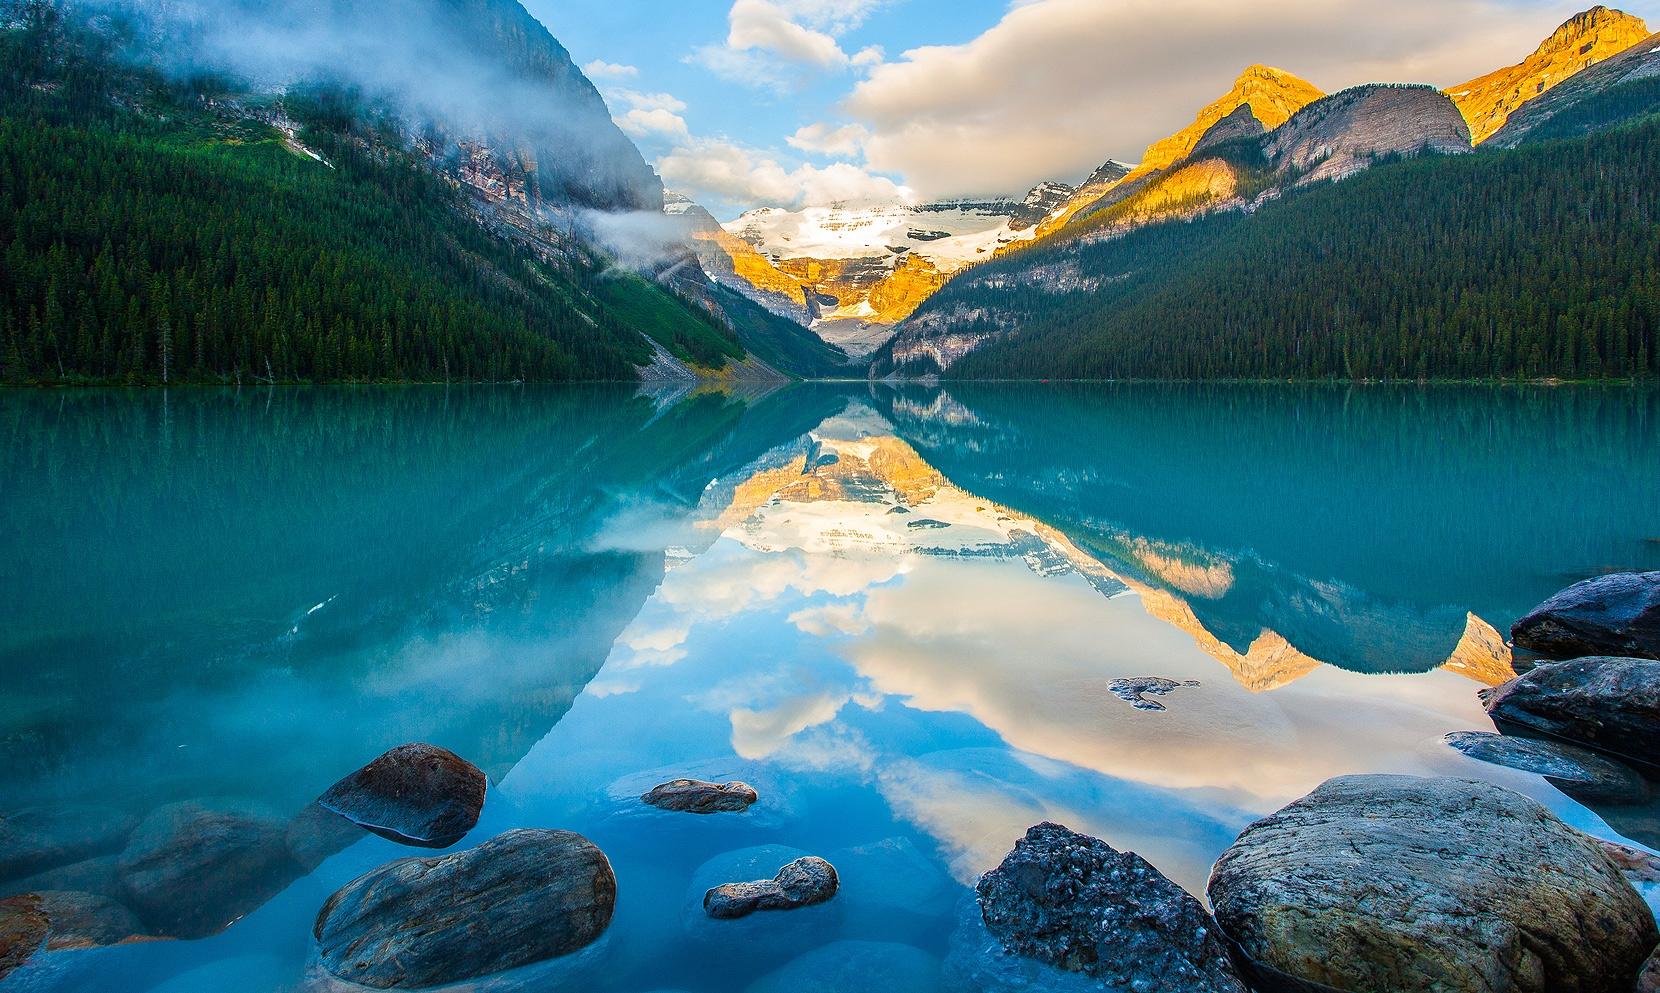 加拿大純粹自然「堡」證不虛此行 (Sponsored)